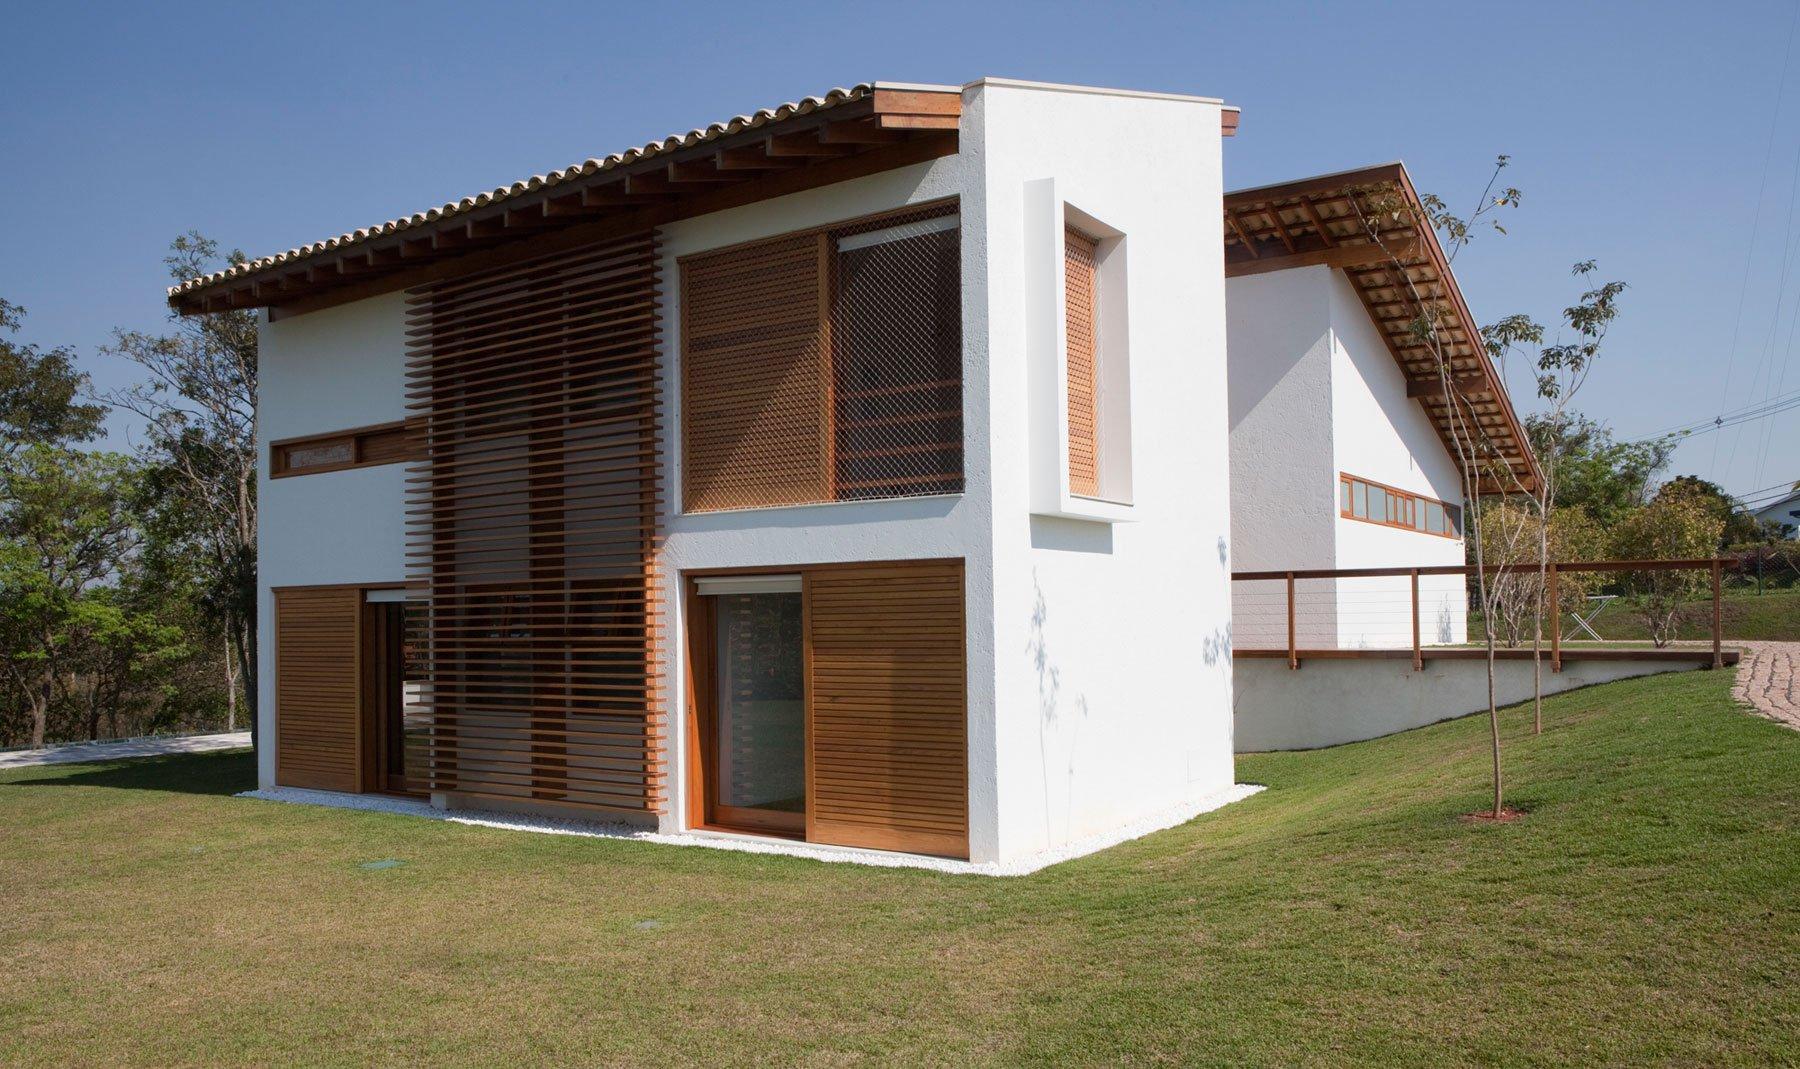 Diseño de casa de campo de madera y hormigón